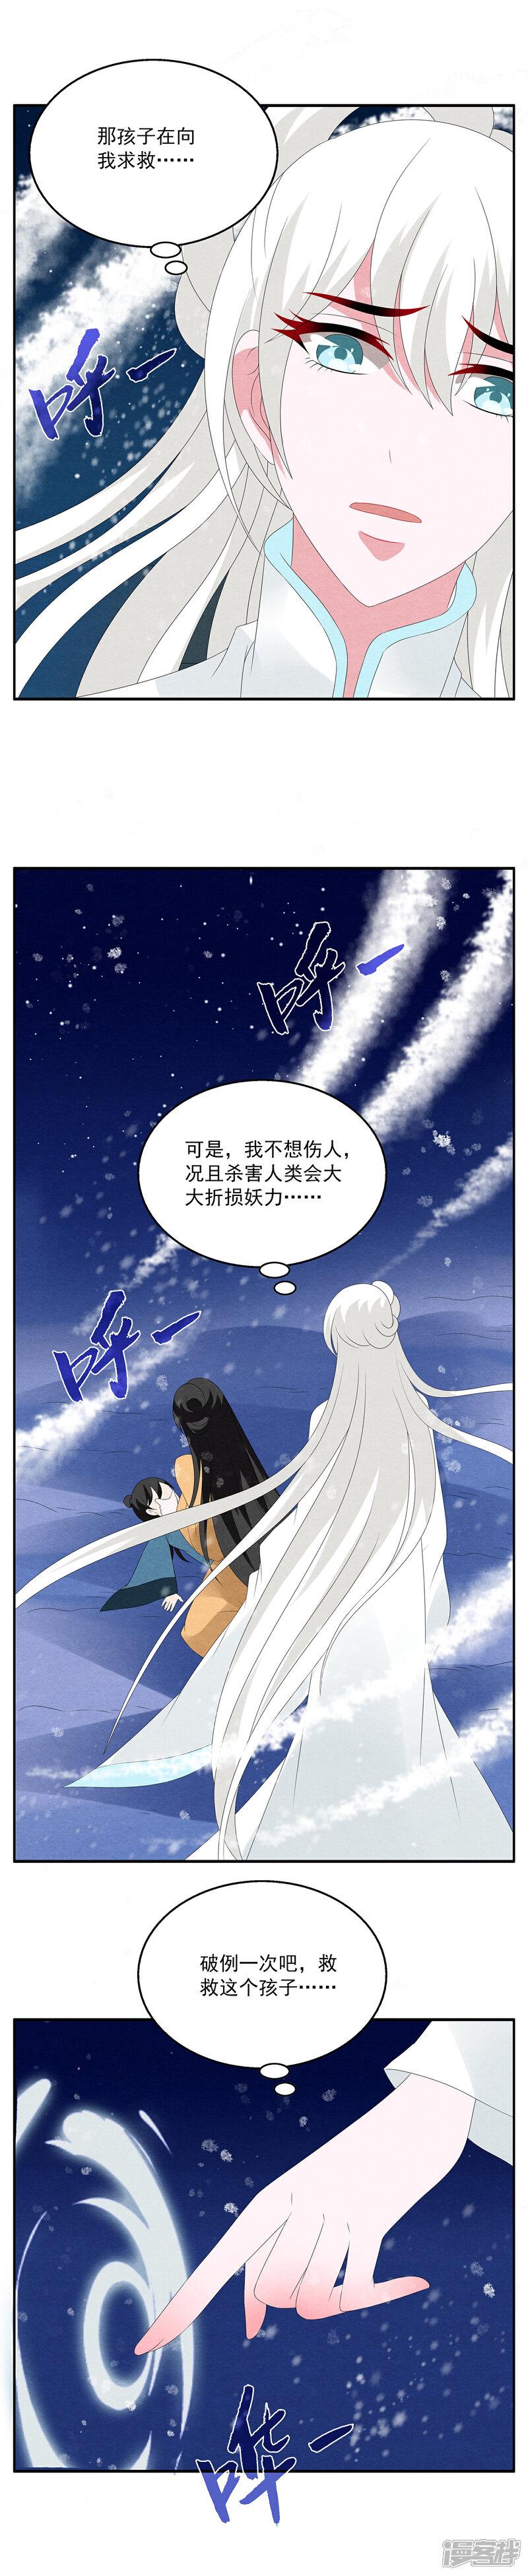 洛小妖98990003.JPG